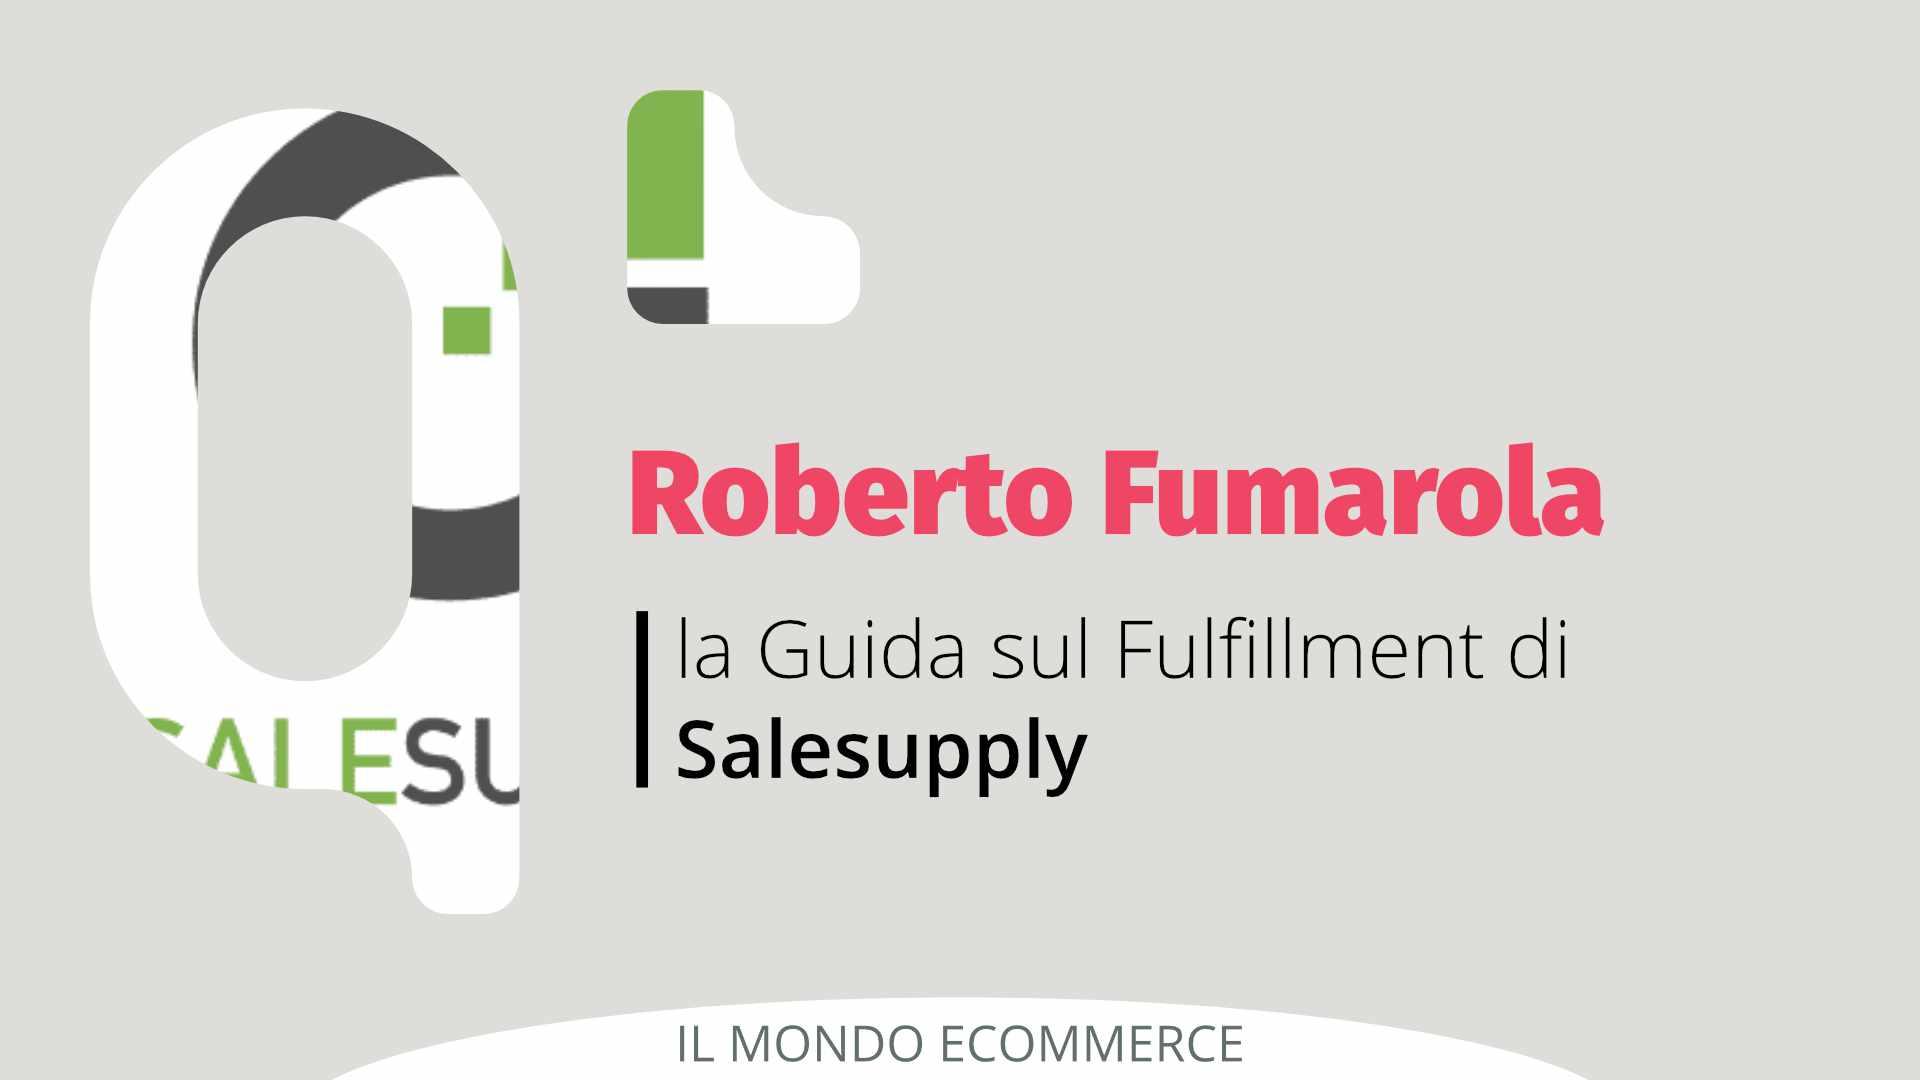 L'Intervista di R. Fumarola per la Guida sul Fulfillment di Salesupply